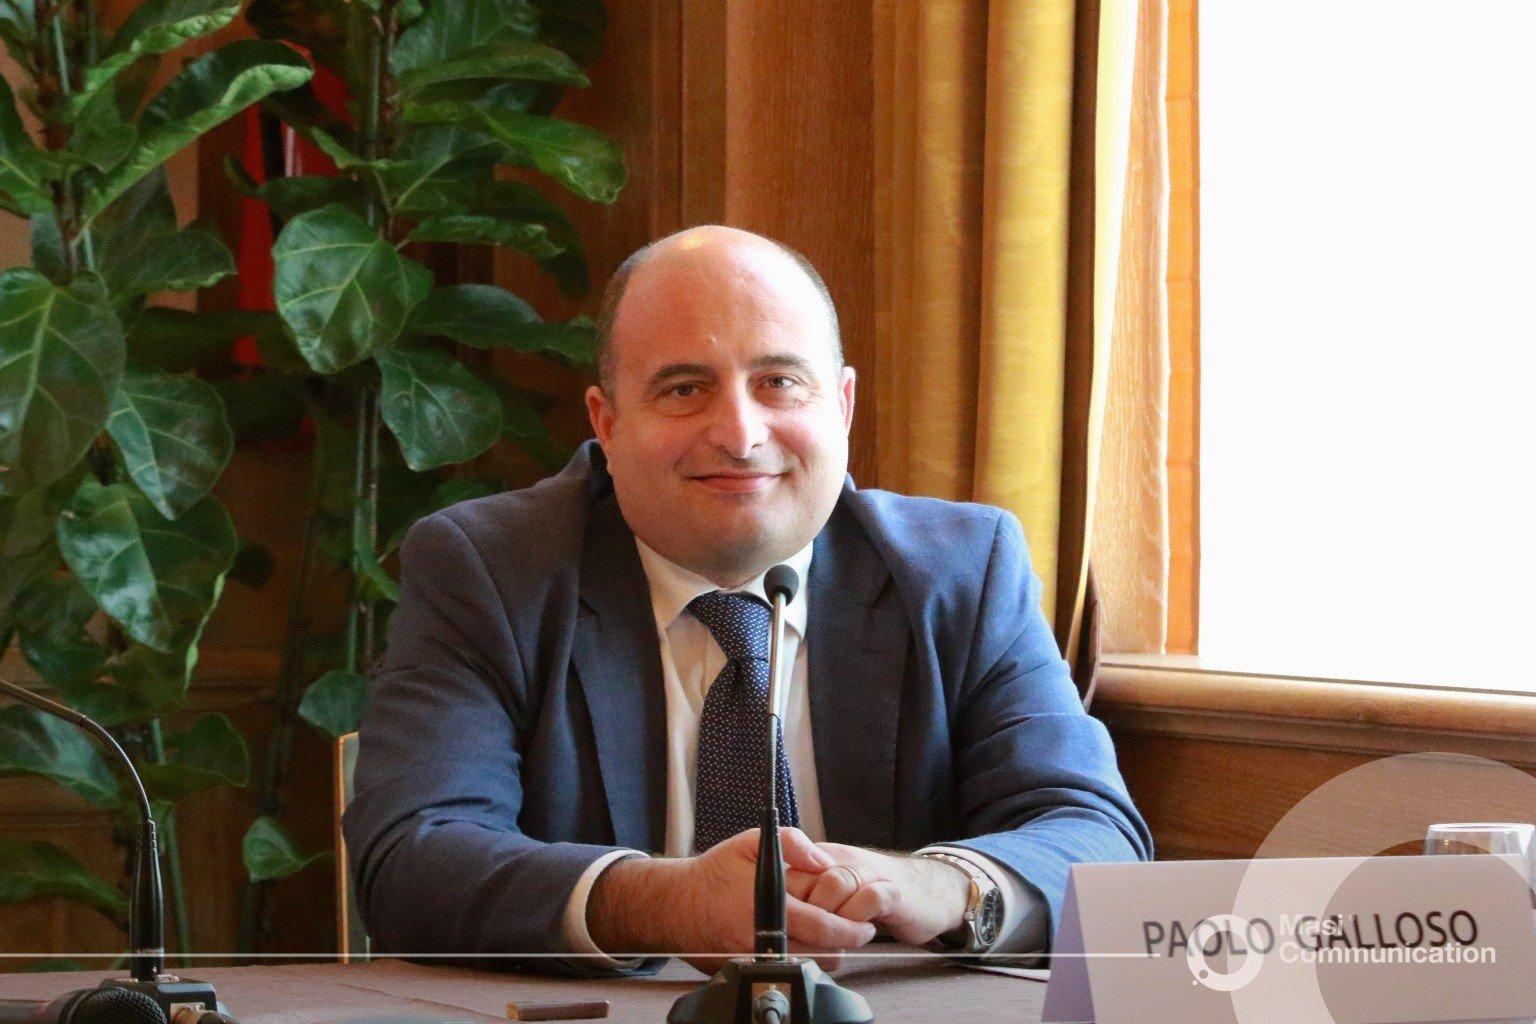 Paolo Galloso dell'Ufficio Studi ANIMA